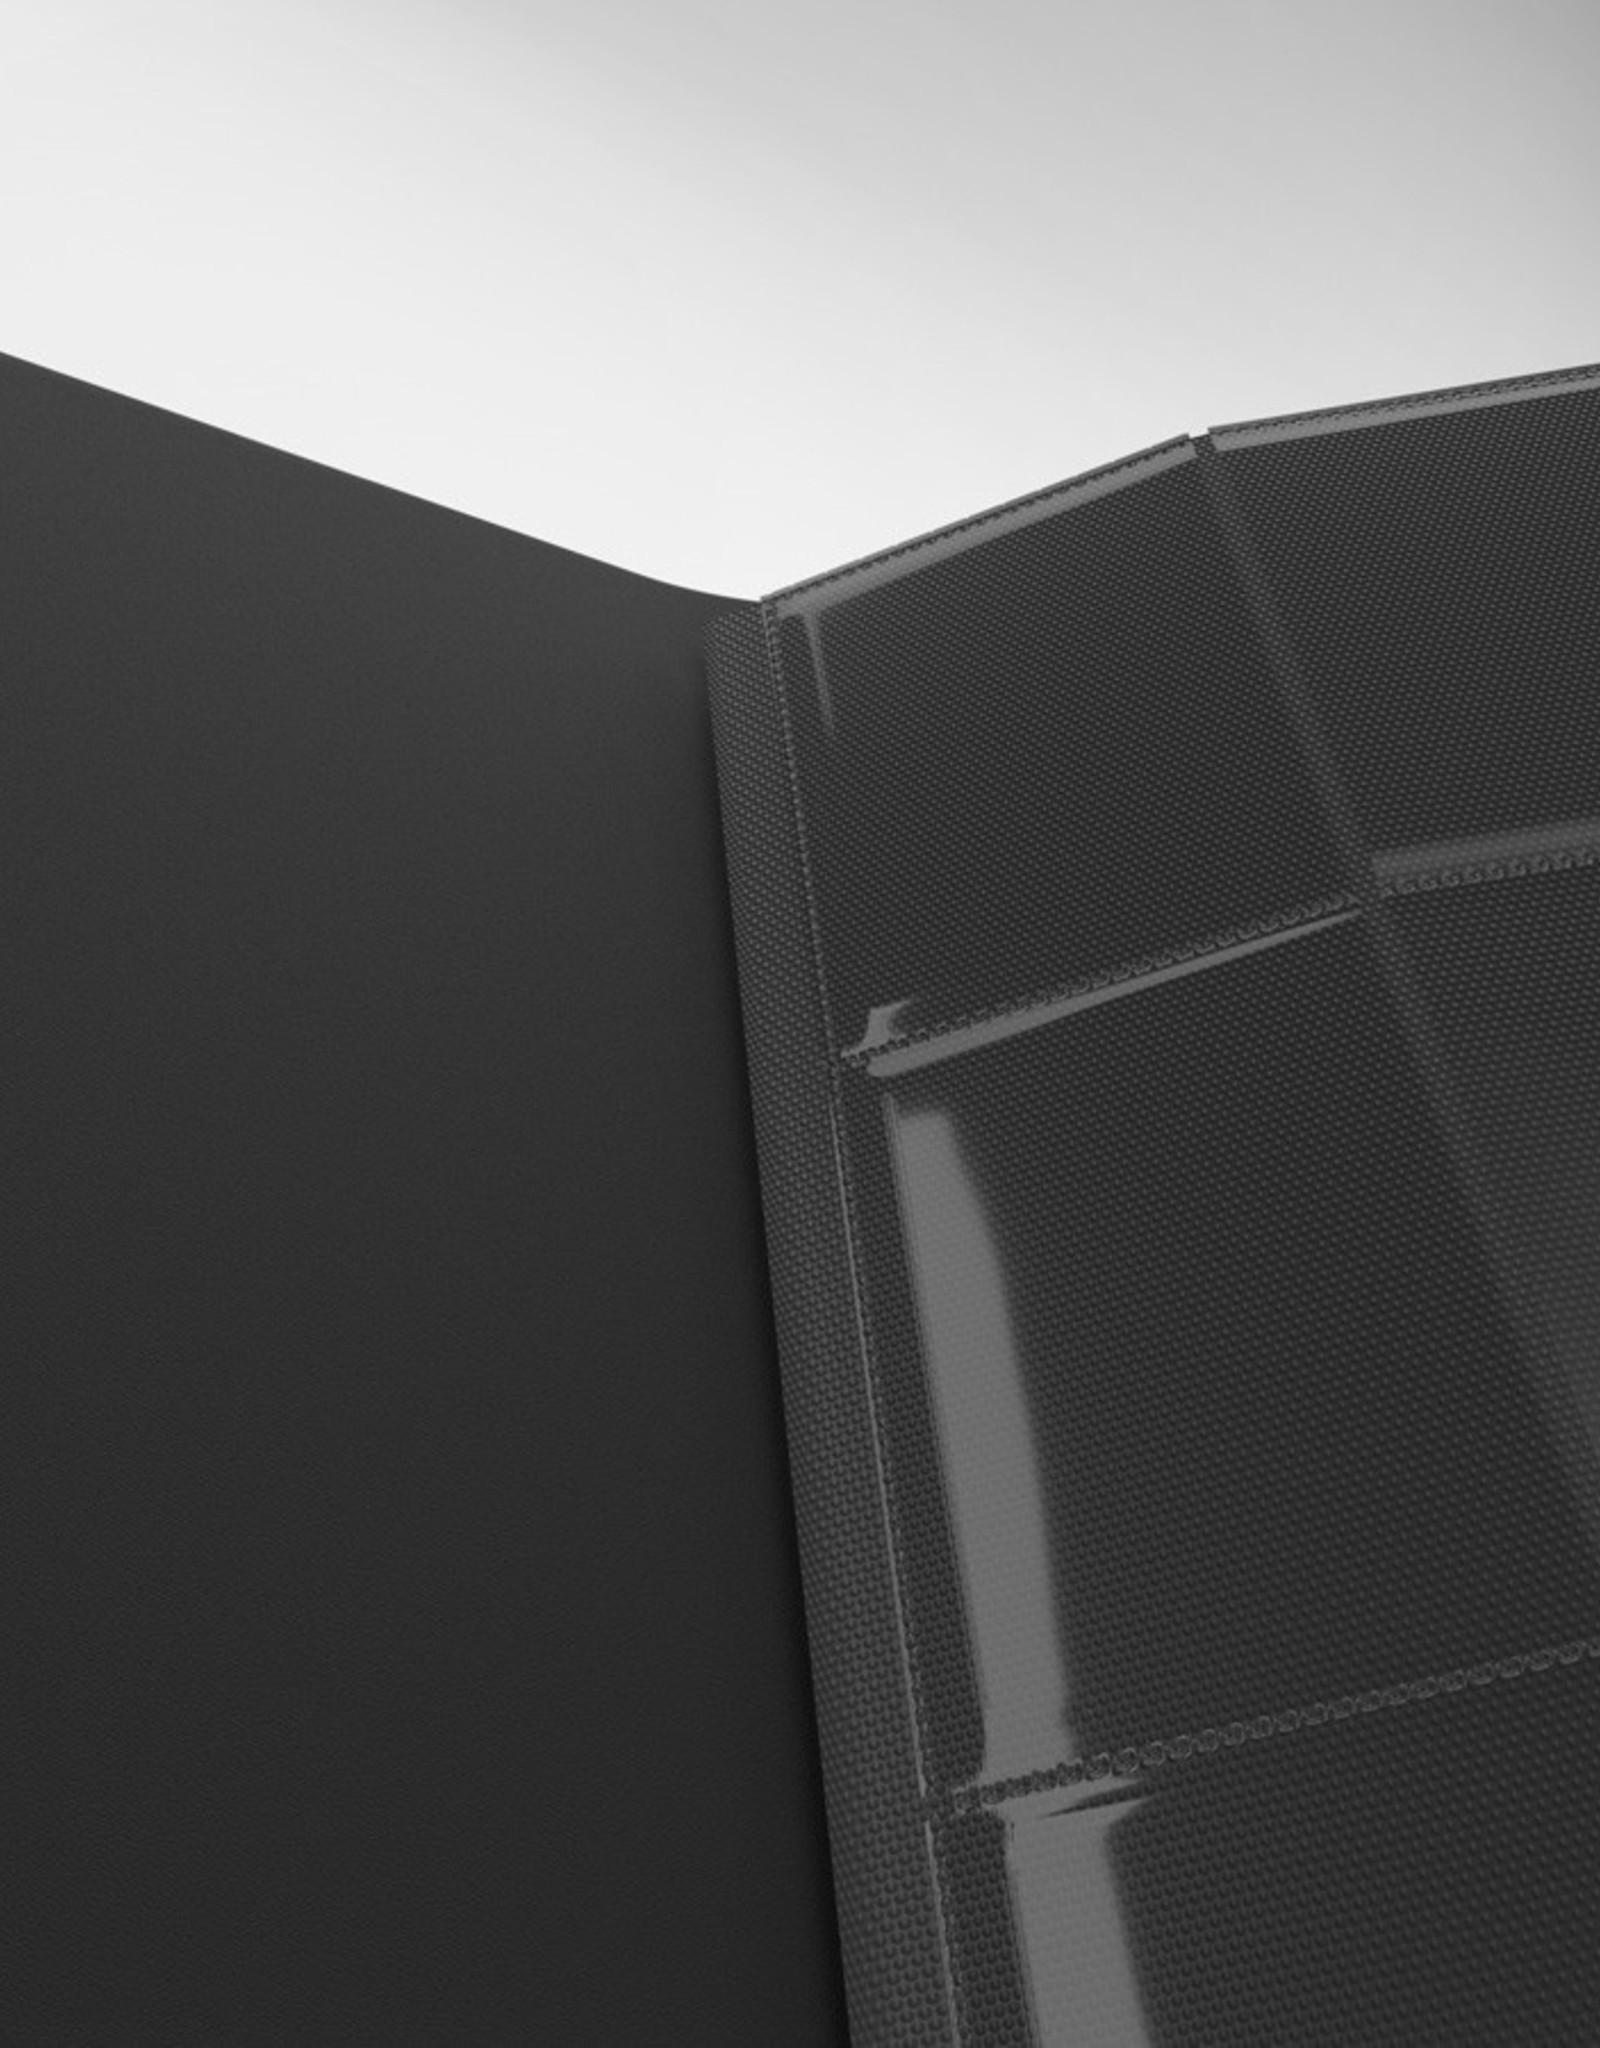 Casual Album: 18-Pocket Side-Loading Black